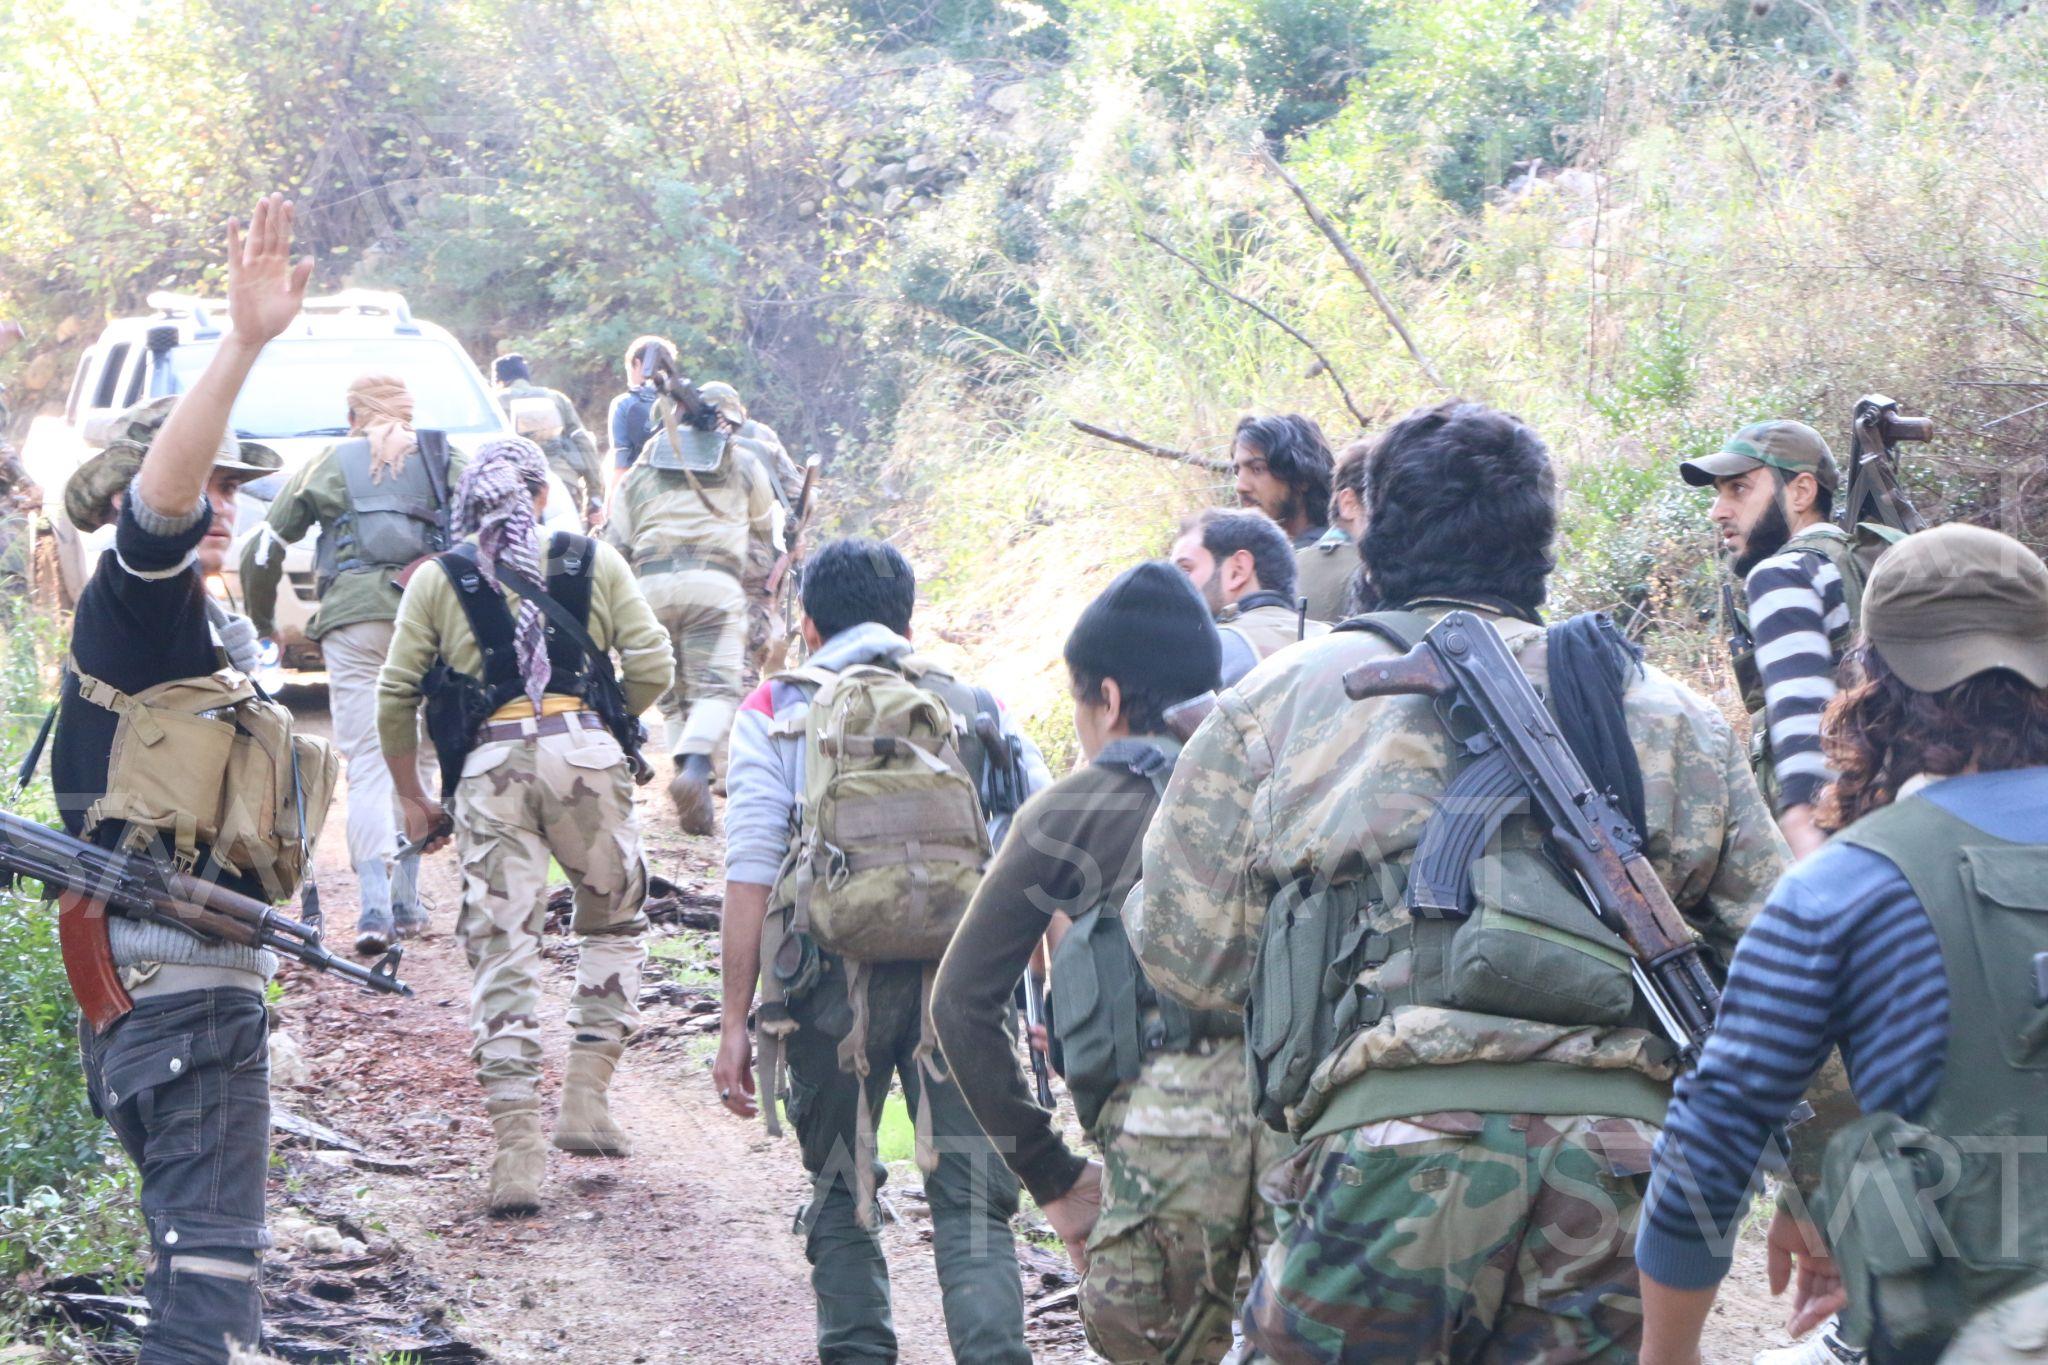 خسائر كبيرة تتكبدها قوات النظام والميليشيات الروسية جنوب إدلب